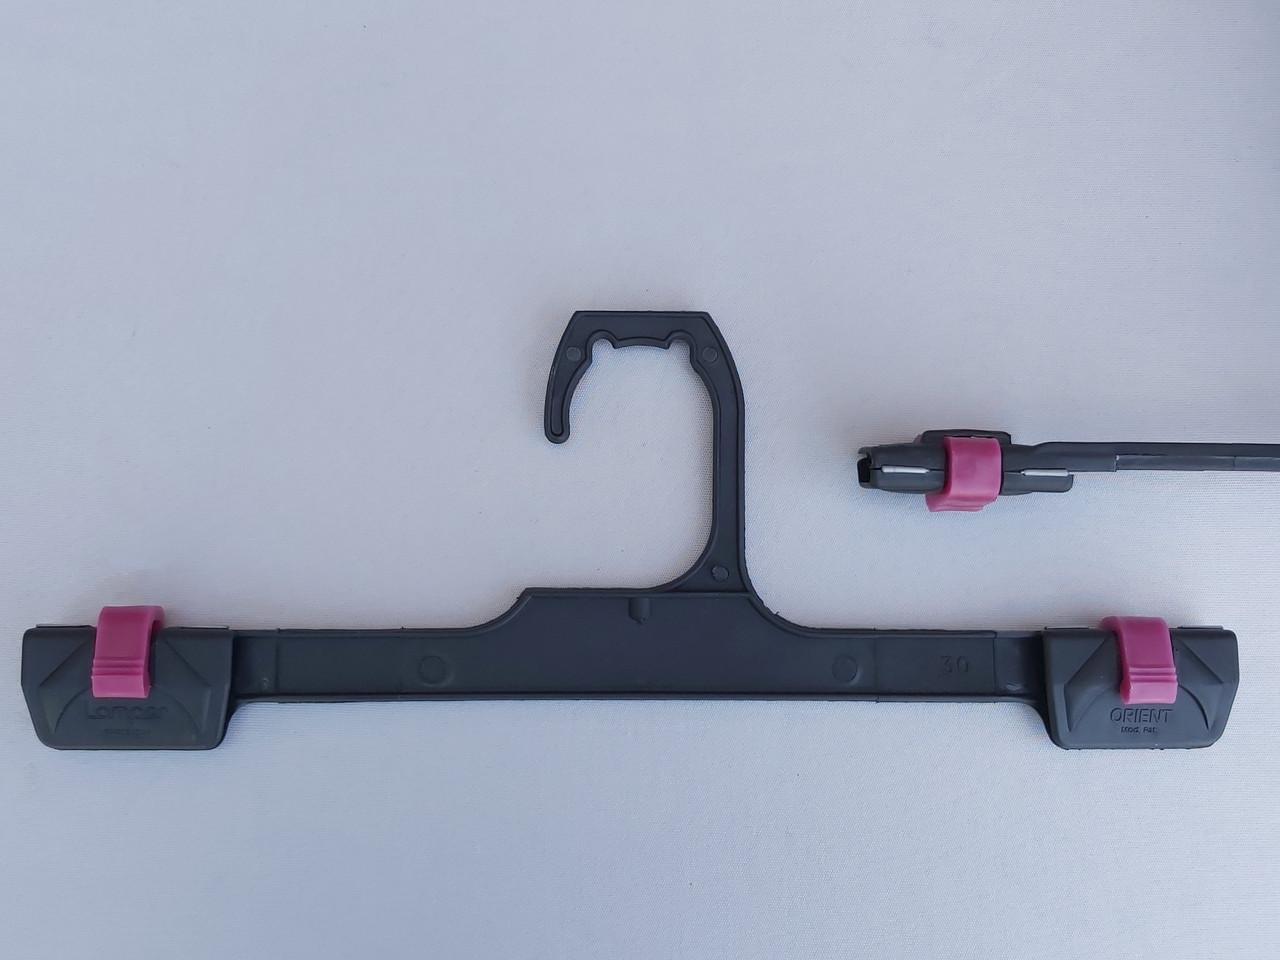 V-Bclick30для брюк и юбок черногоцвета с фиксатором сиреневого цвета, длина 30см.